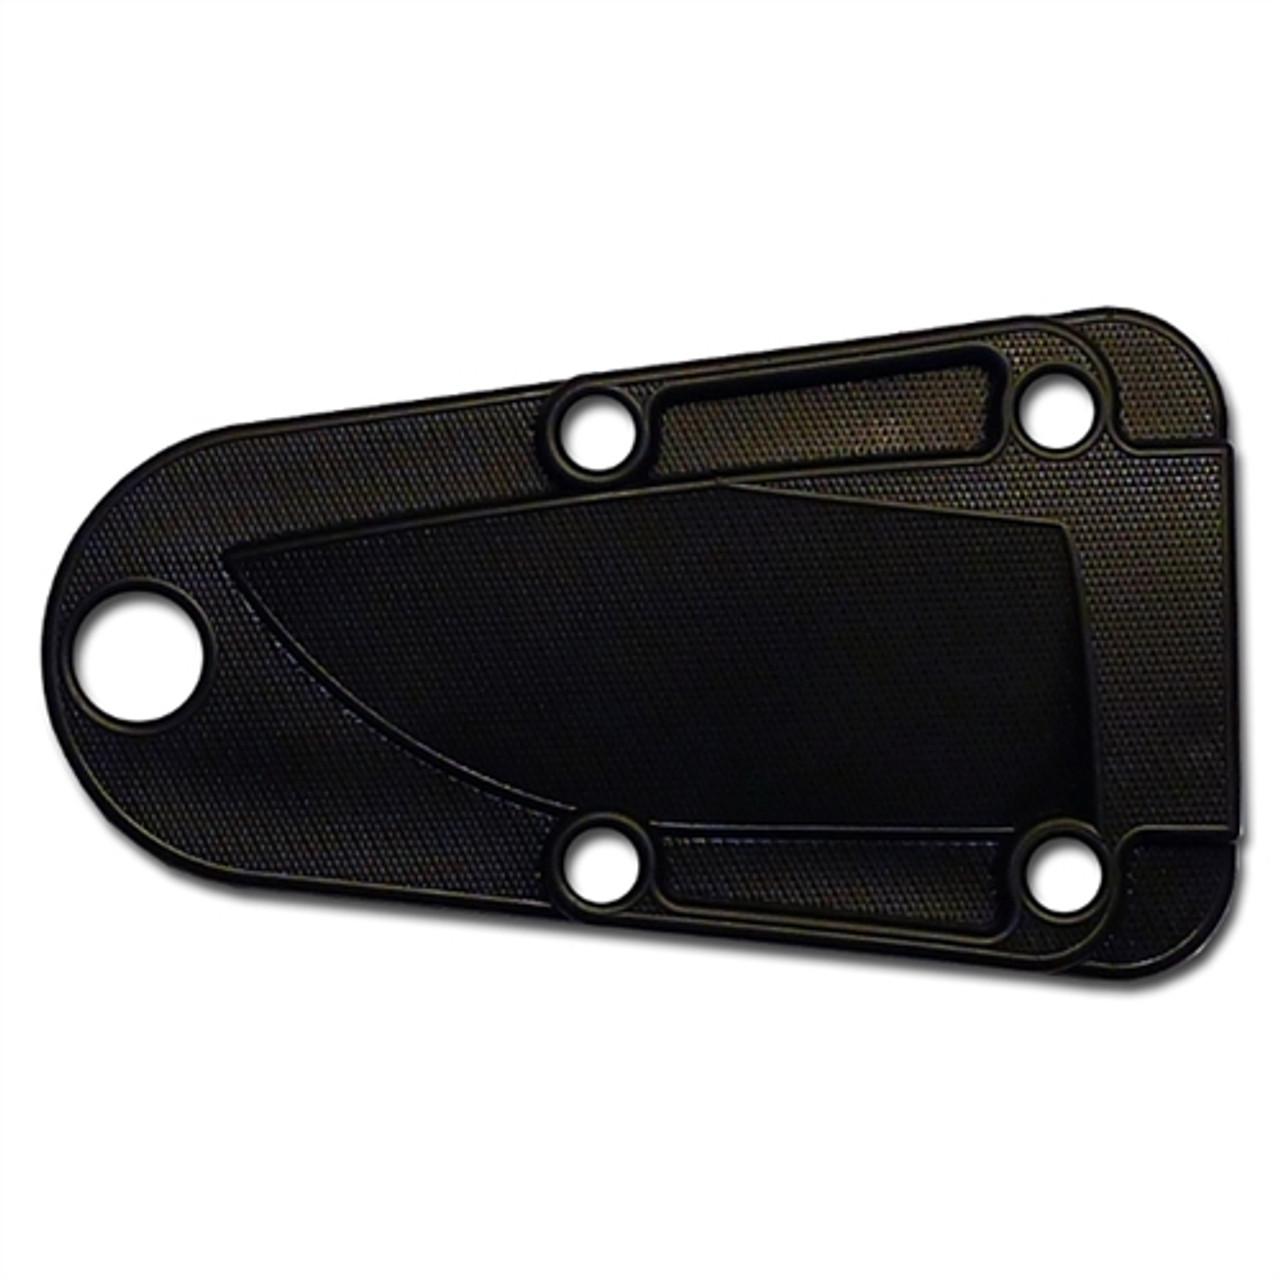 ESEE Knives Venom Green Izula Fixed Blade Knife, 1095 Carbon Venom Green Blade